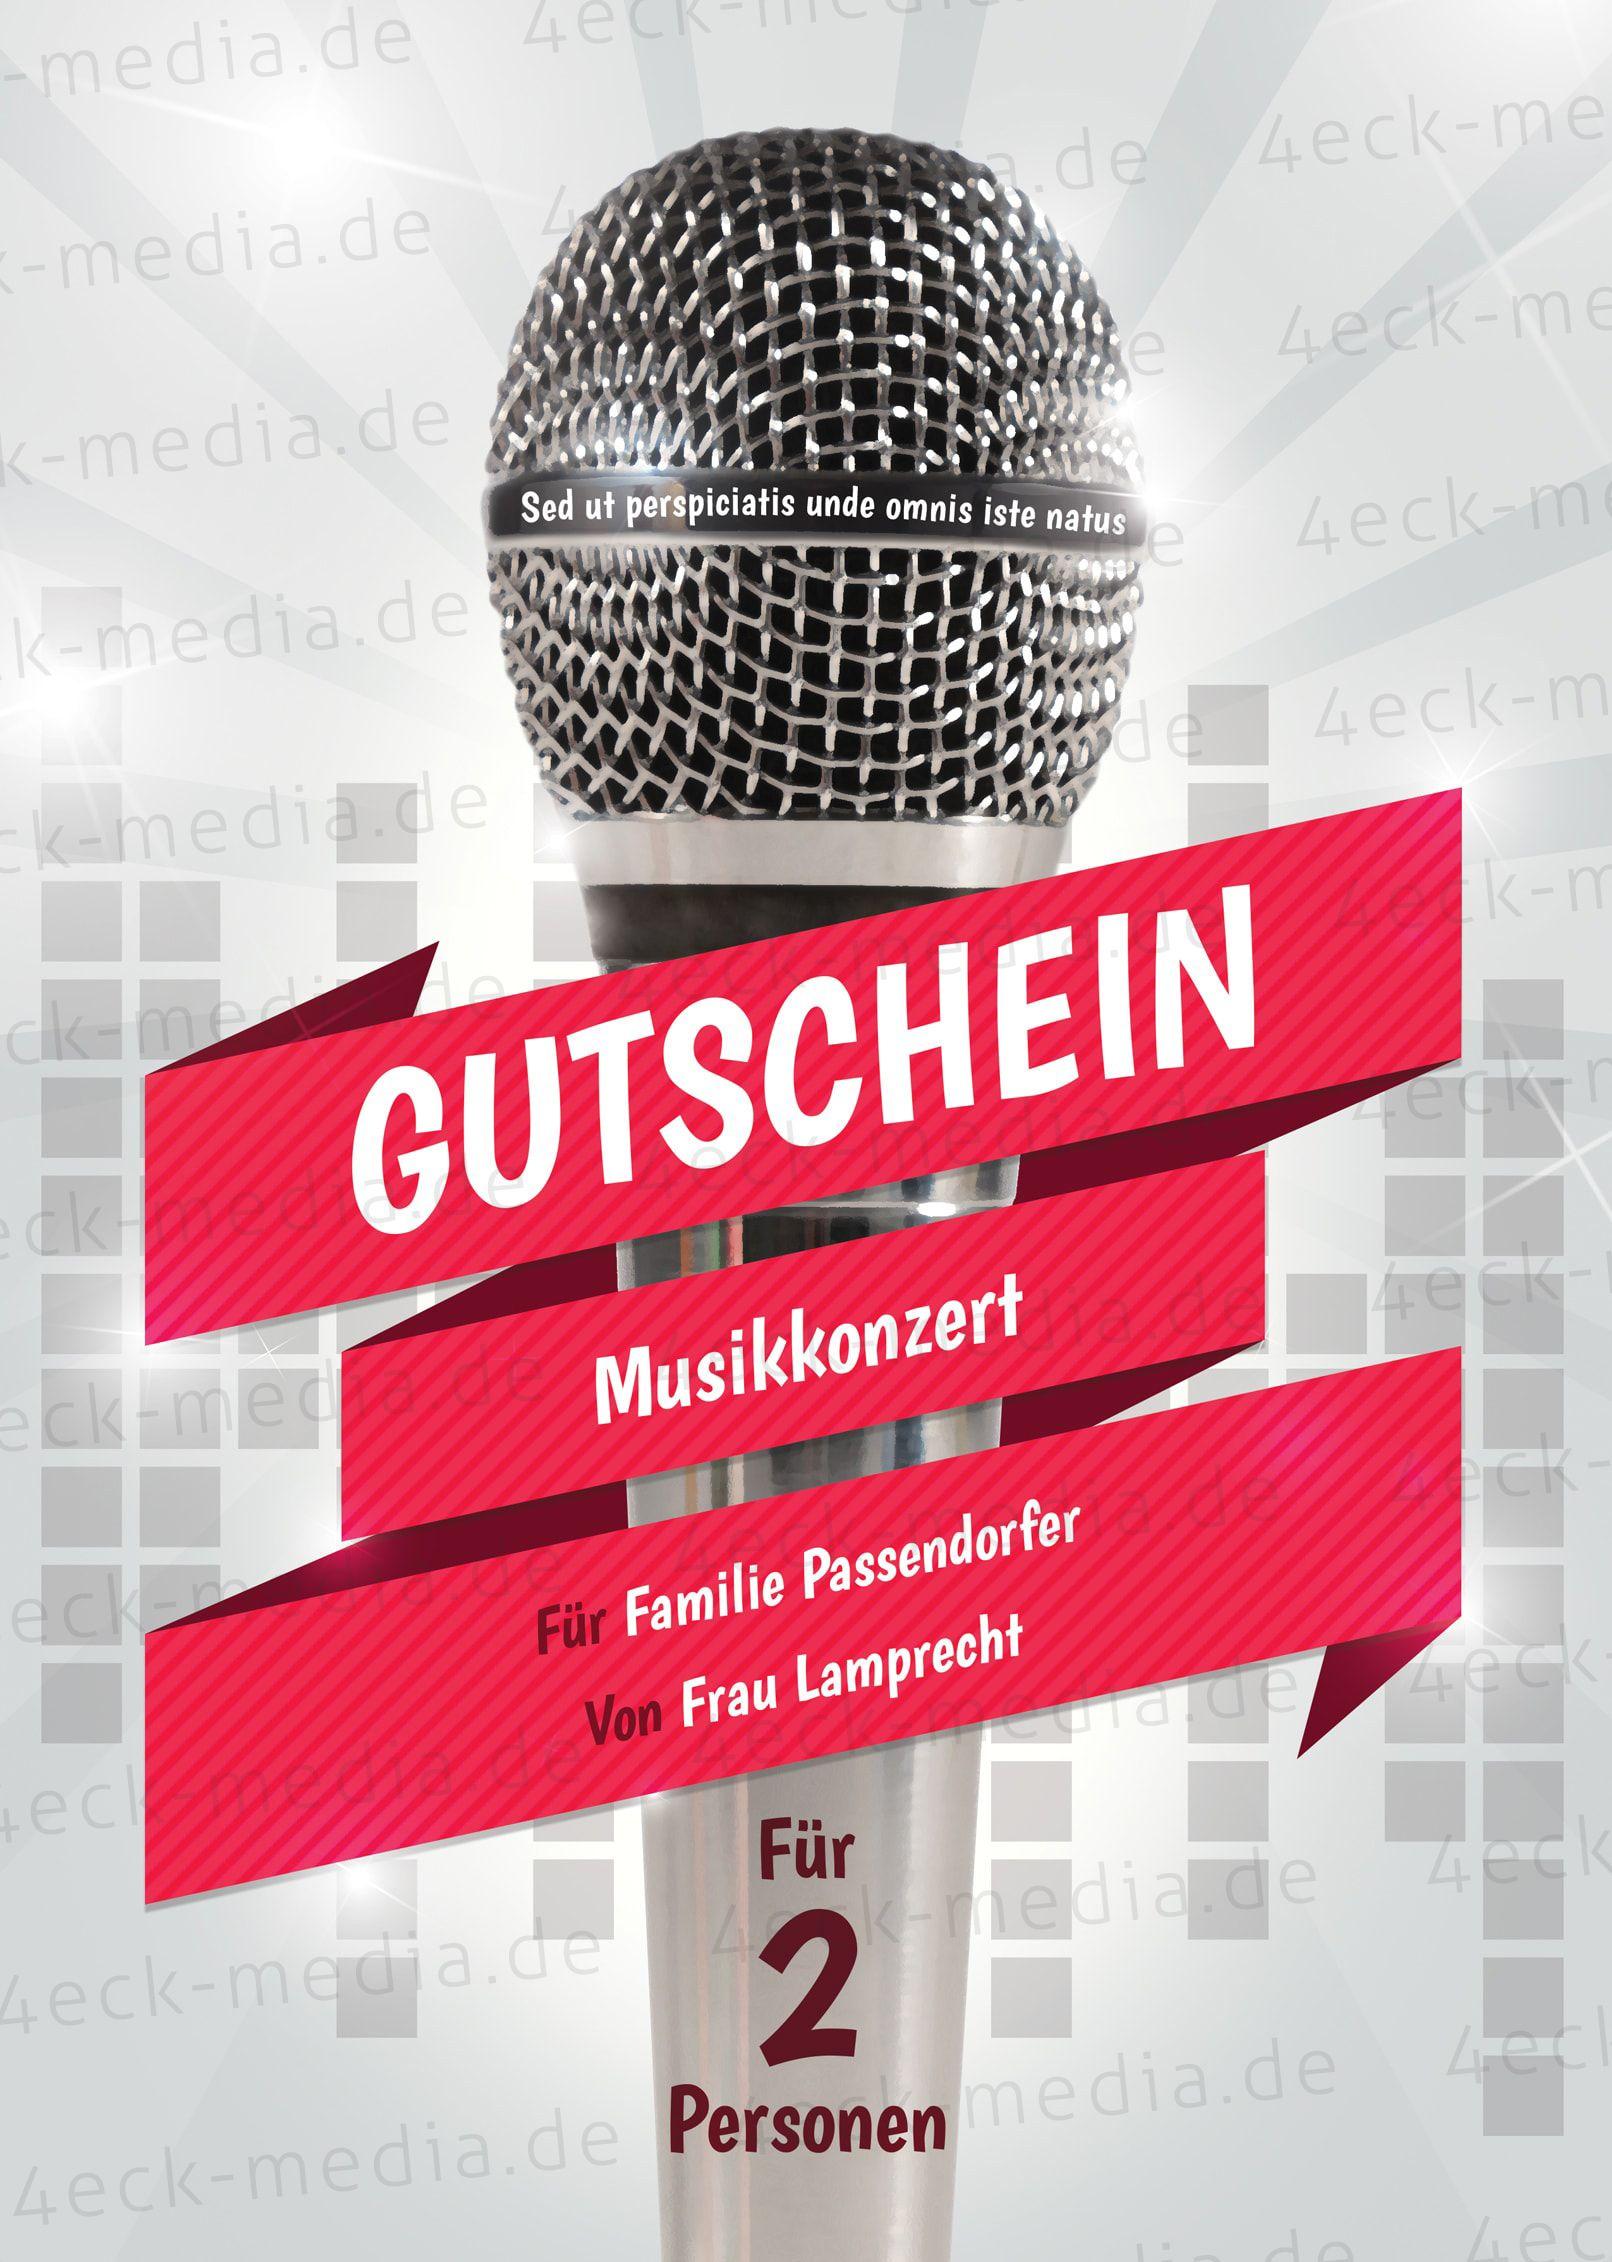 Vorlagen Geschenk Gutschein Fur Word Und Photoshop Gutschein Vorlage Designvorlagen Vorlagen